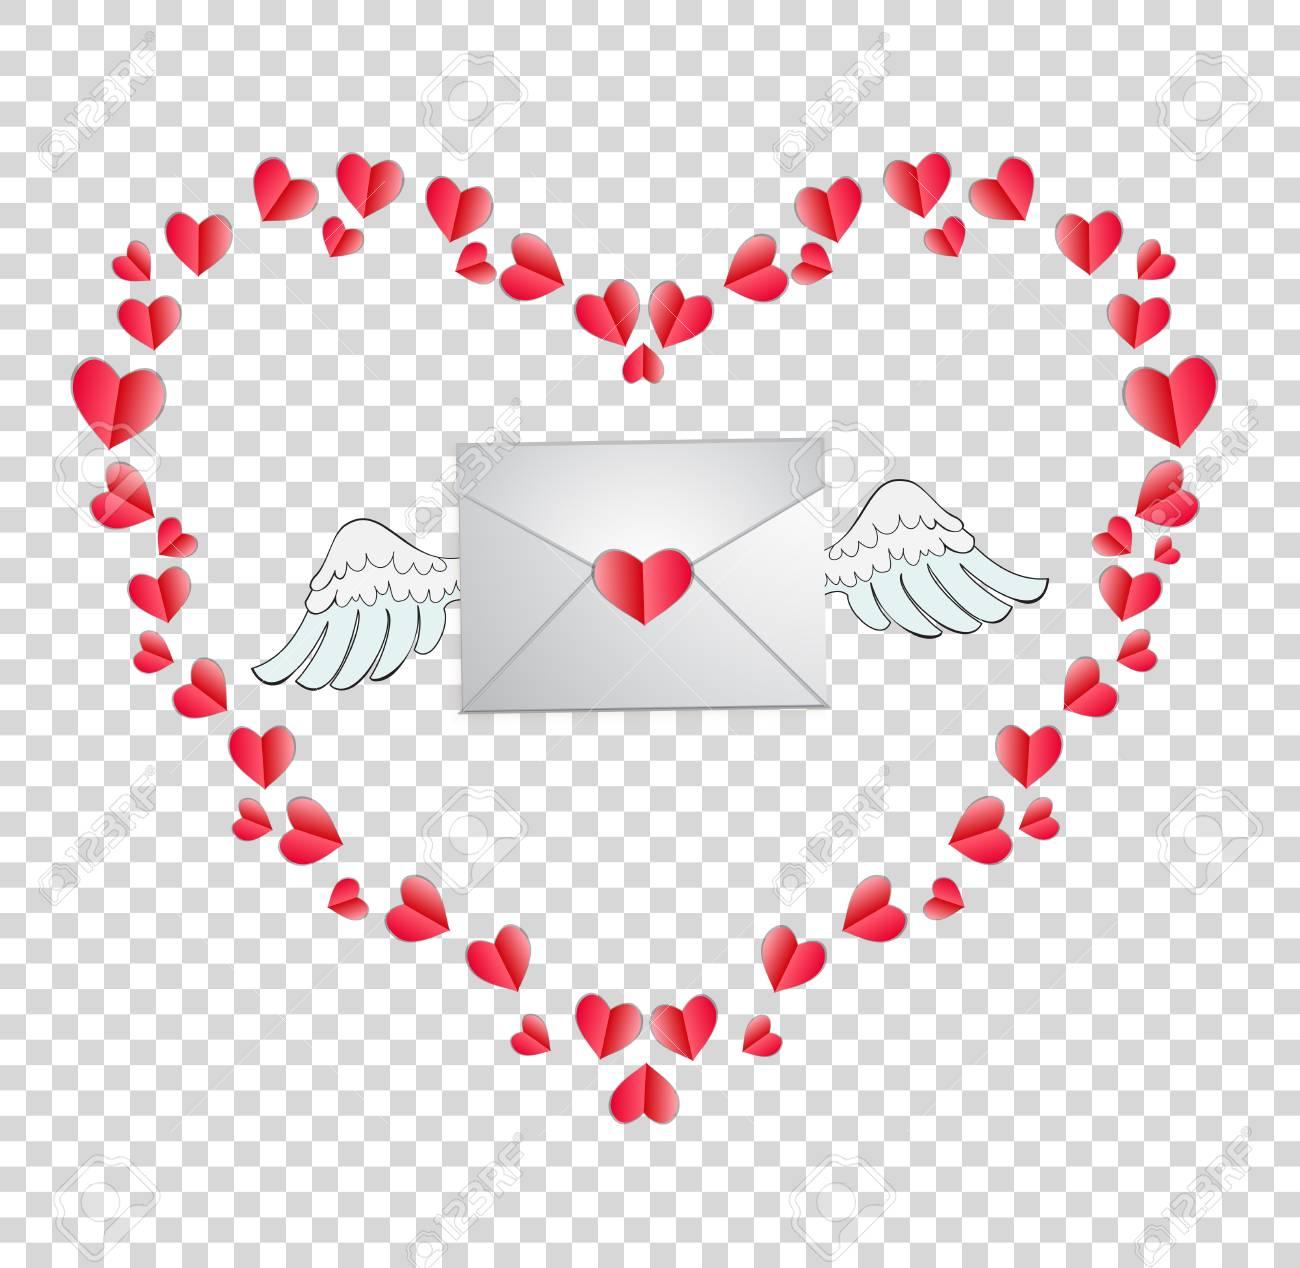 Vector La Ilustración Del Sobre Con El Sello Del Corazón Y Las Alas ...